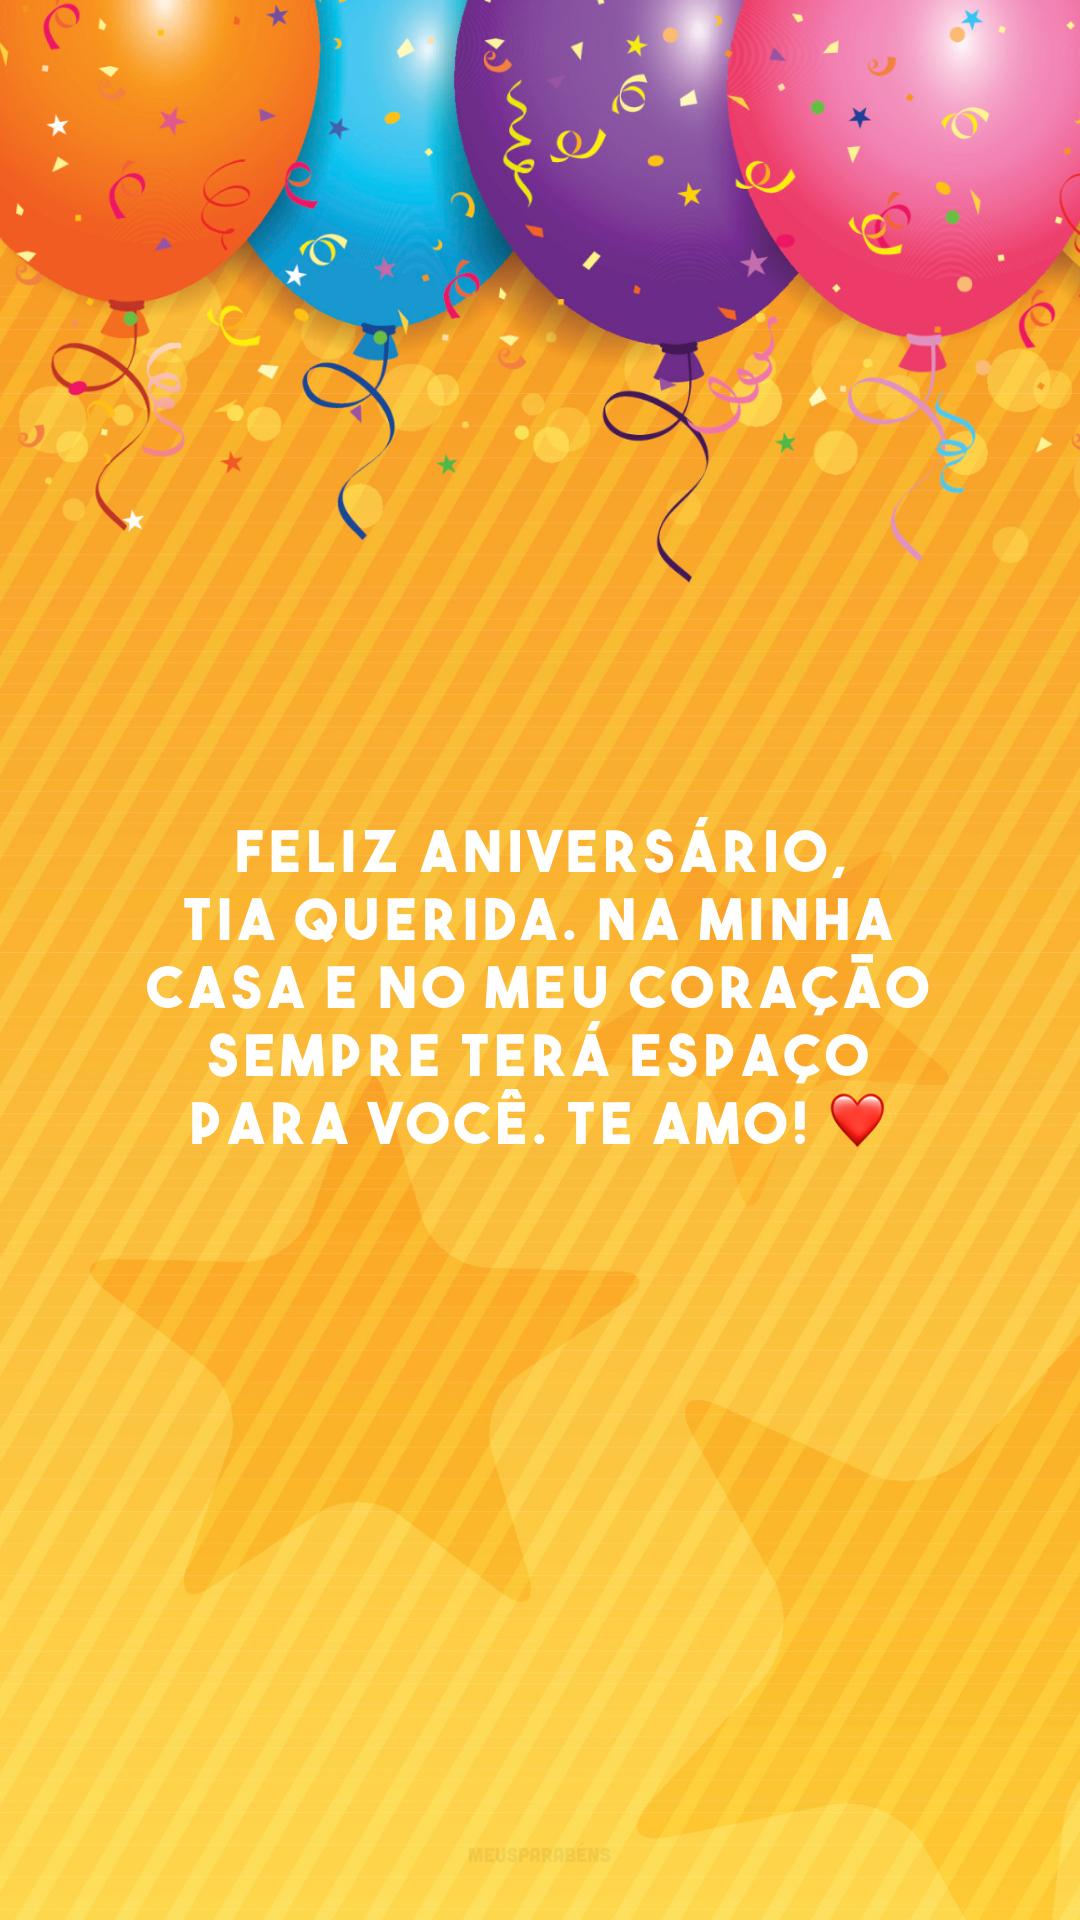 Feliz aniversário, tia querida. Na minha casa e no meu coração sempre terá espaço para você. Te amo! ❤️